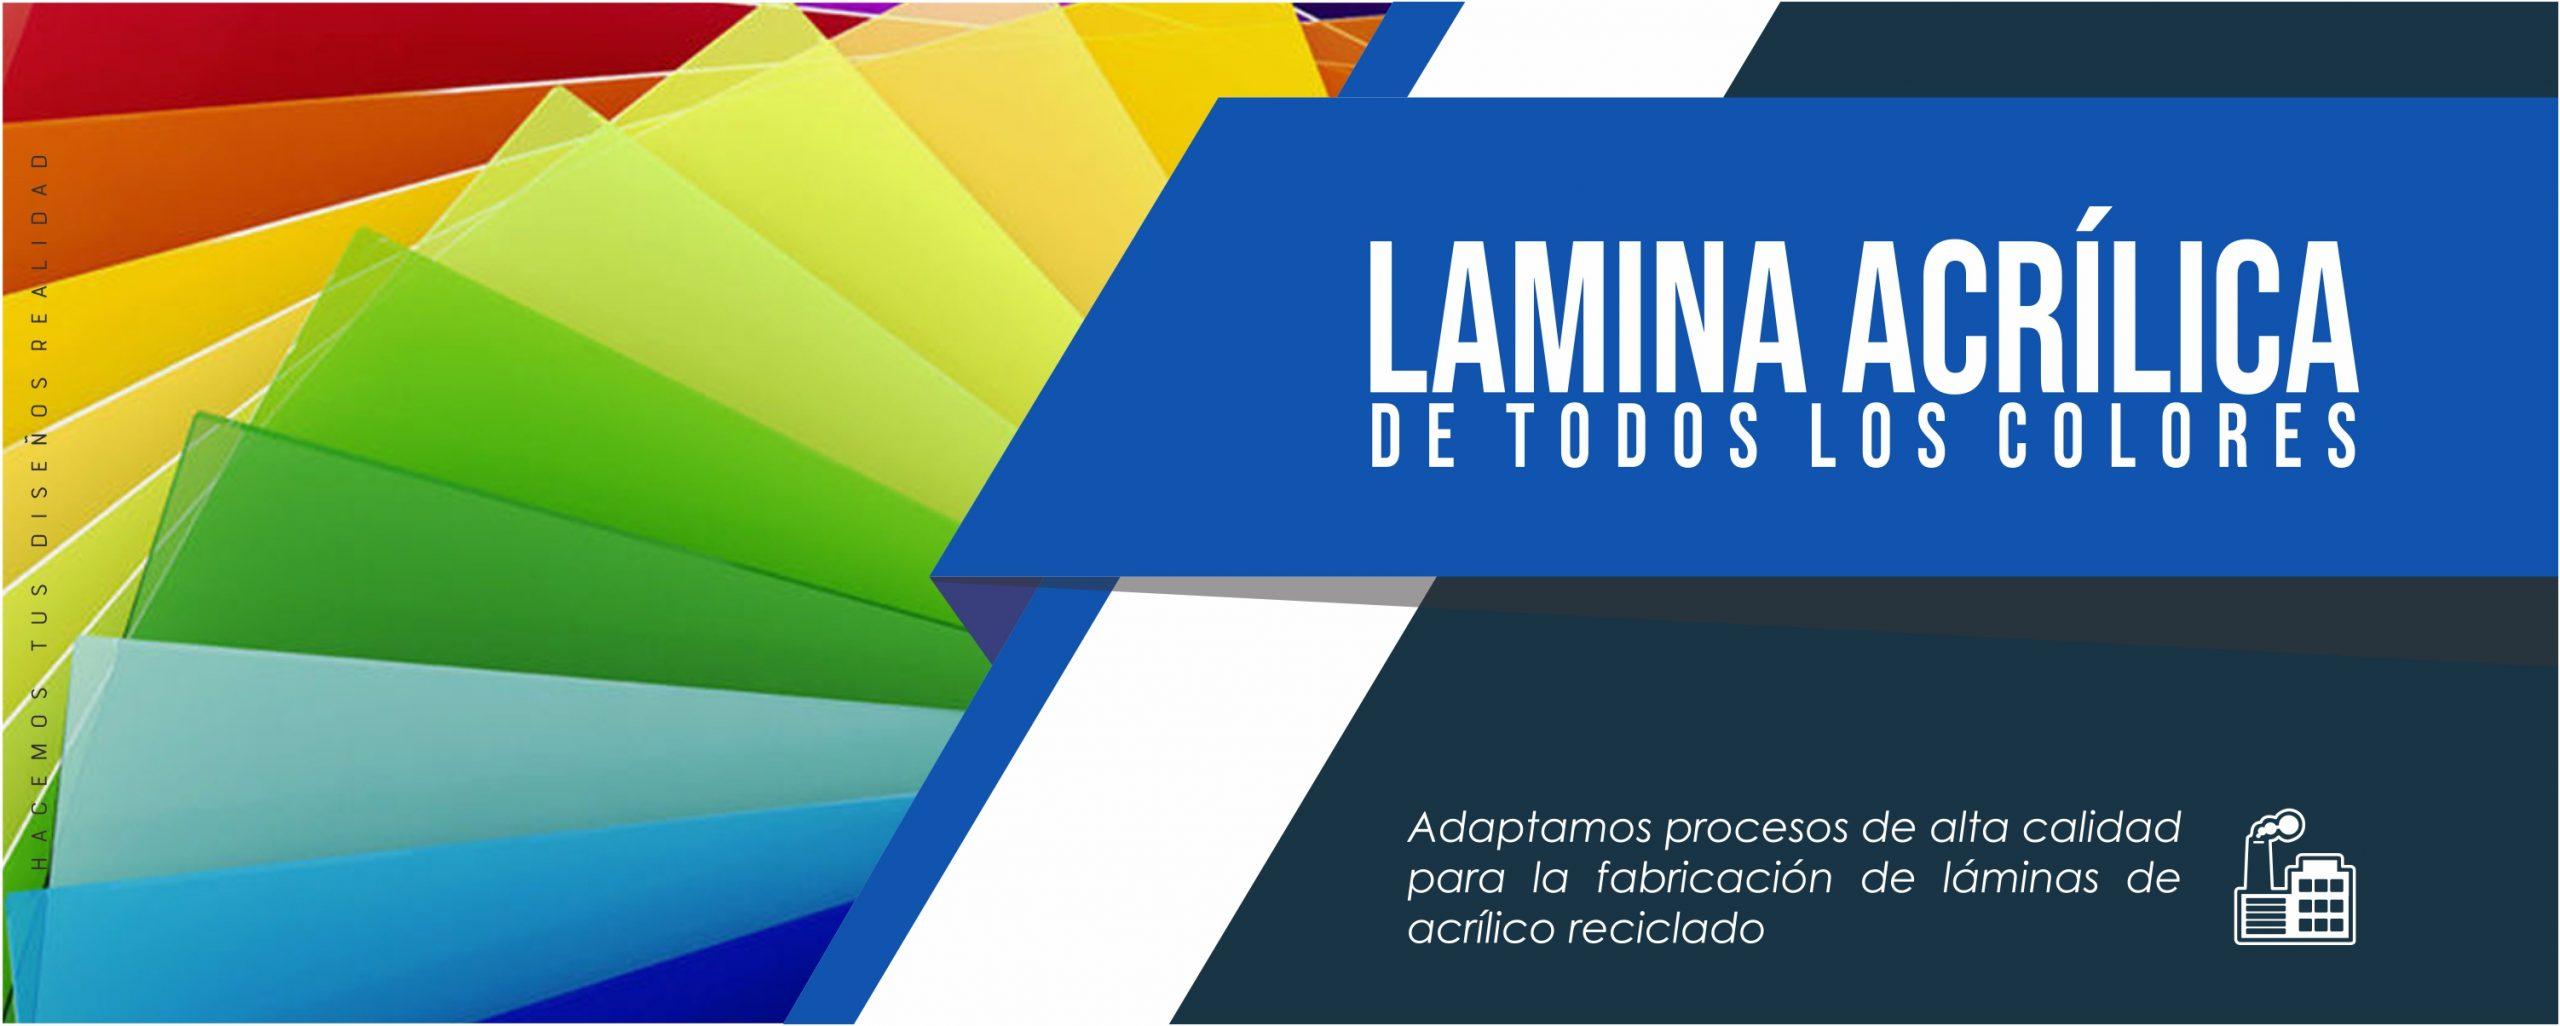 Lamina Acrilicos Diacrilicos 2002